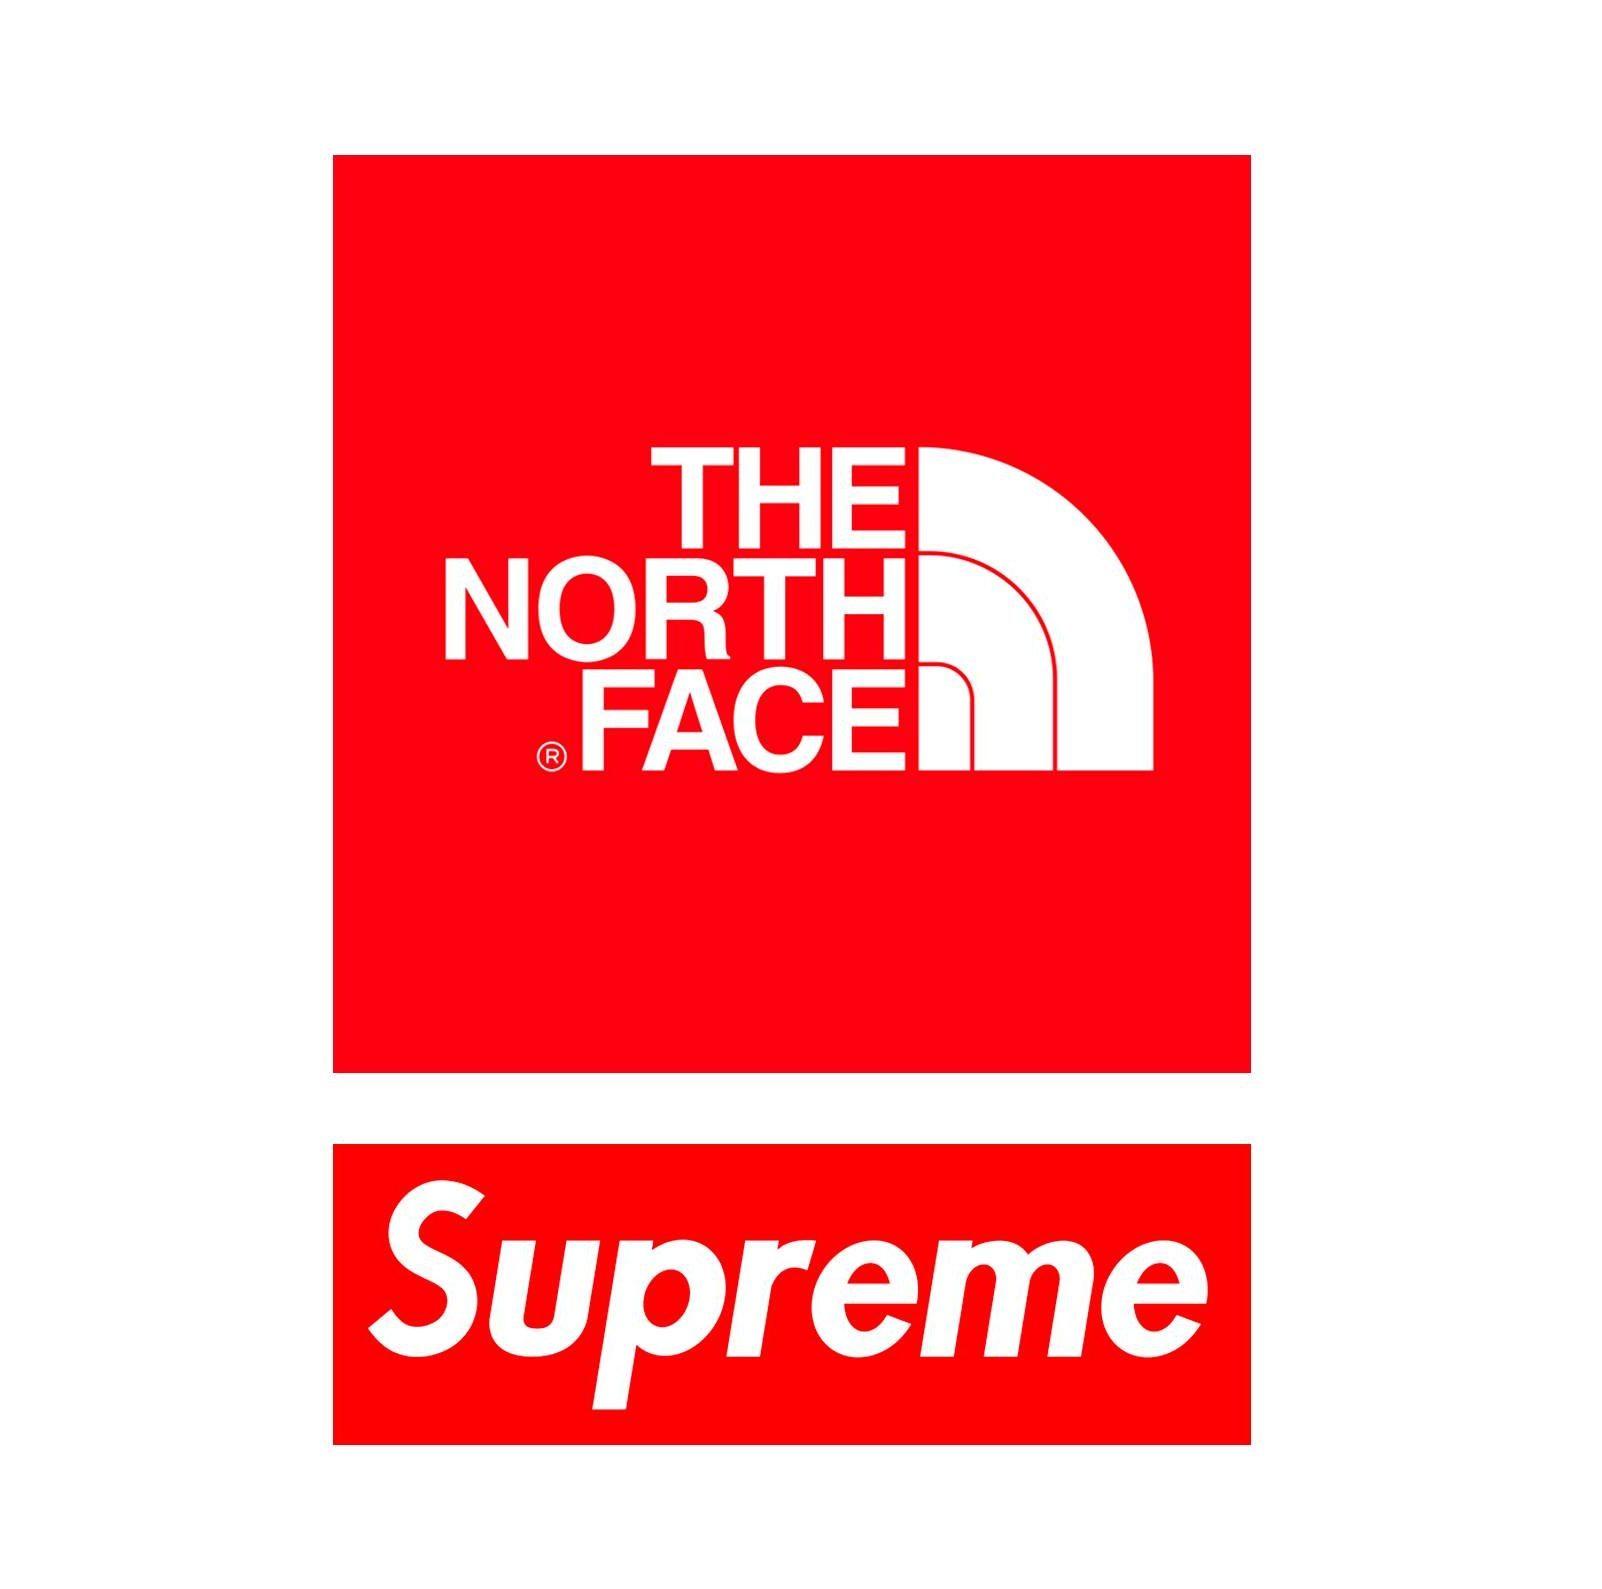 the north face supreme